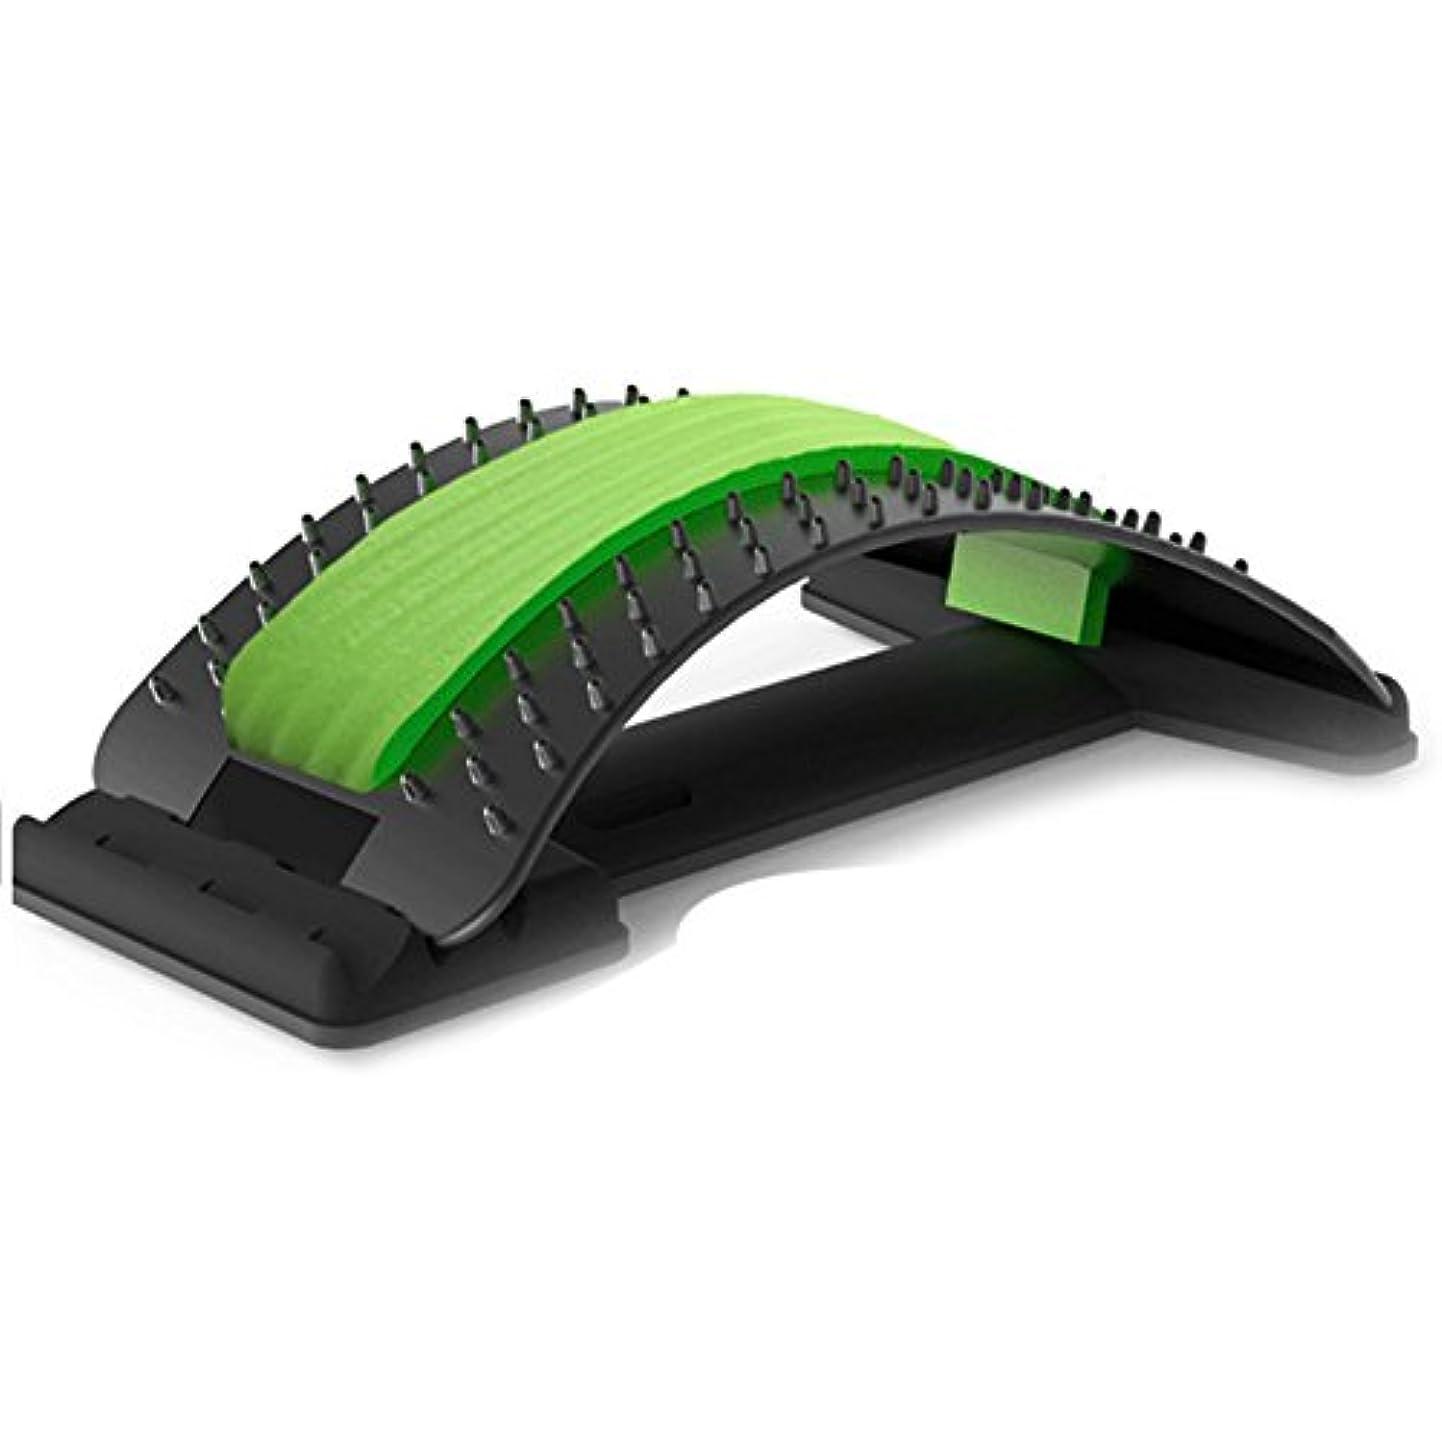 バックマッサージ 腰椎矯正クッション枕 背中バキバキト 腰痛対策 腰部マッサージ 家庭用,オフィスでの使用,ギフトとしても使えます (グリーン)